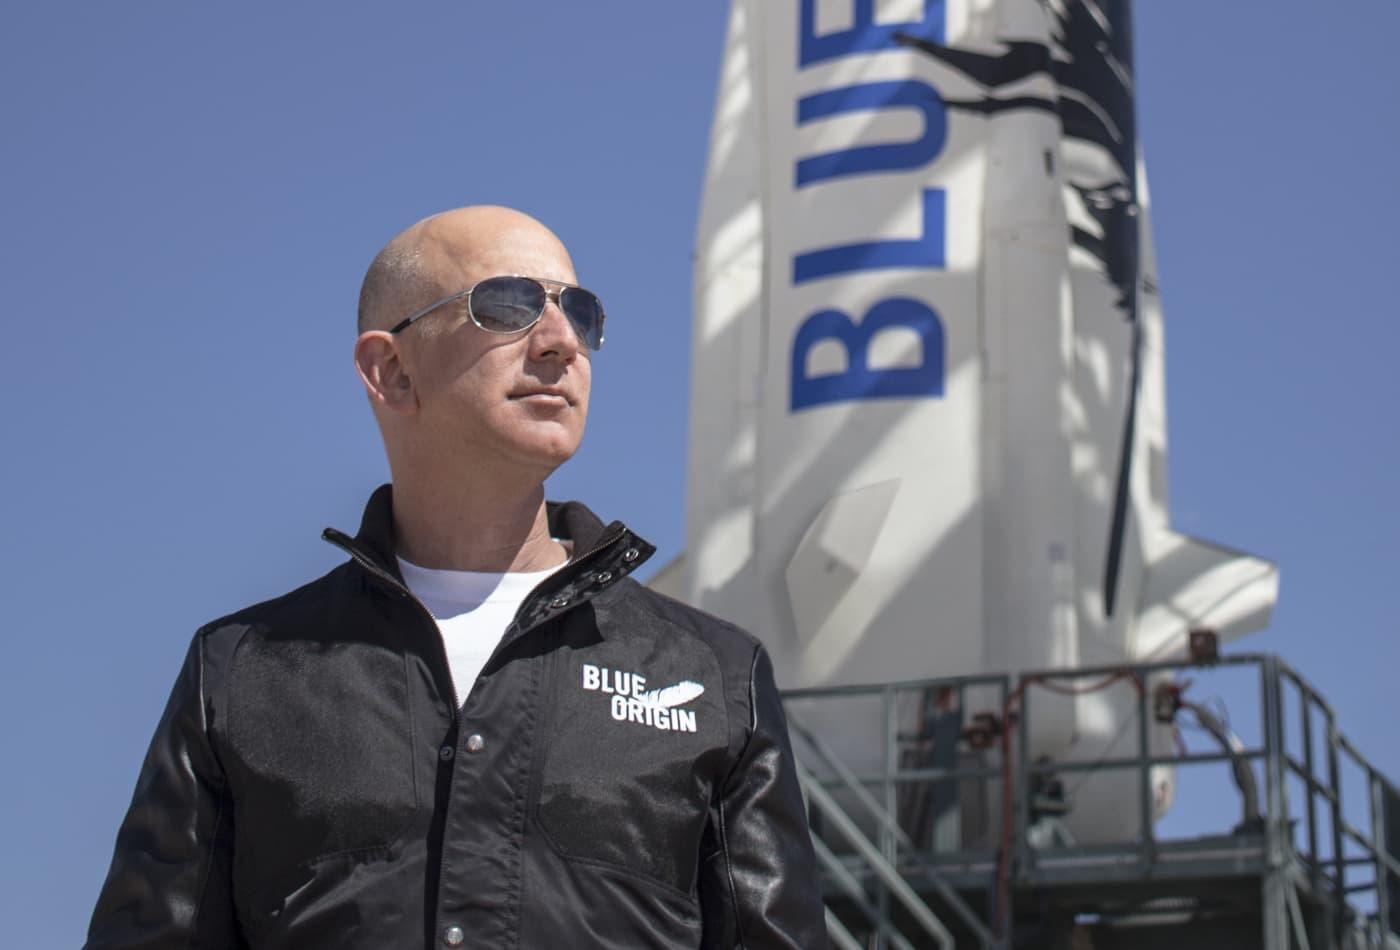 How Amazon CEO Jeff Bezos spends his billions